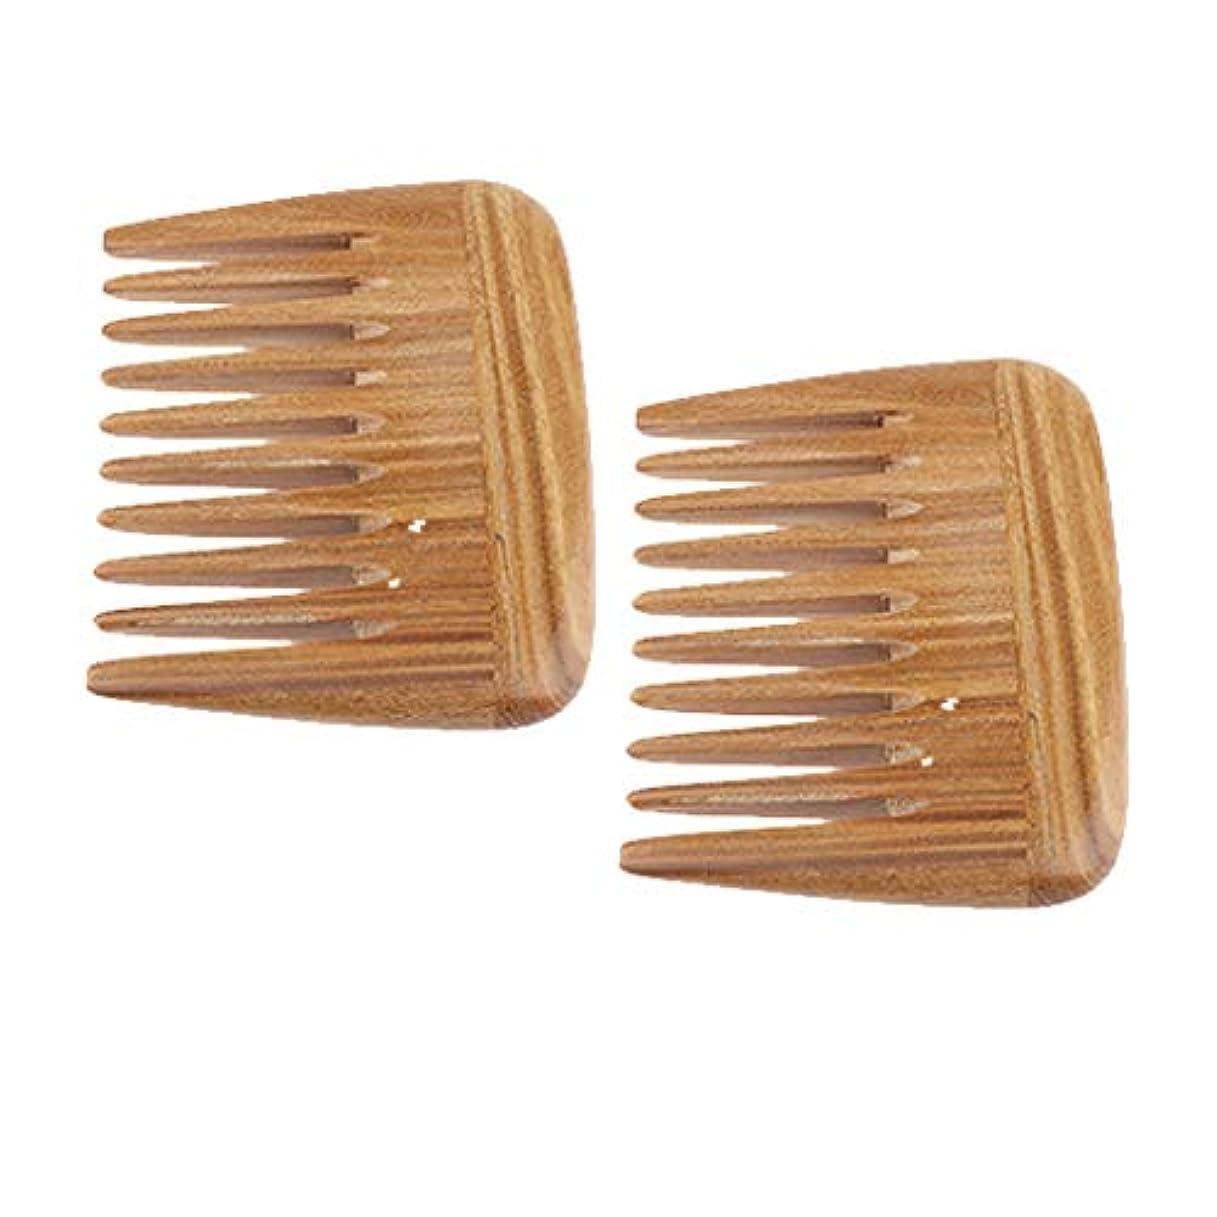 大通り大通りバナーCUTICATE レトロポケットブラシ 静電気 防止天然マッサージ広い歯 髪の櫛 2個入り